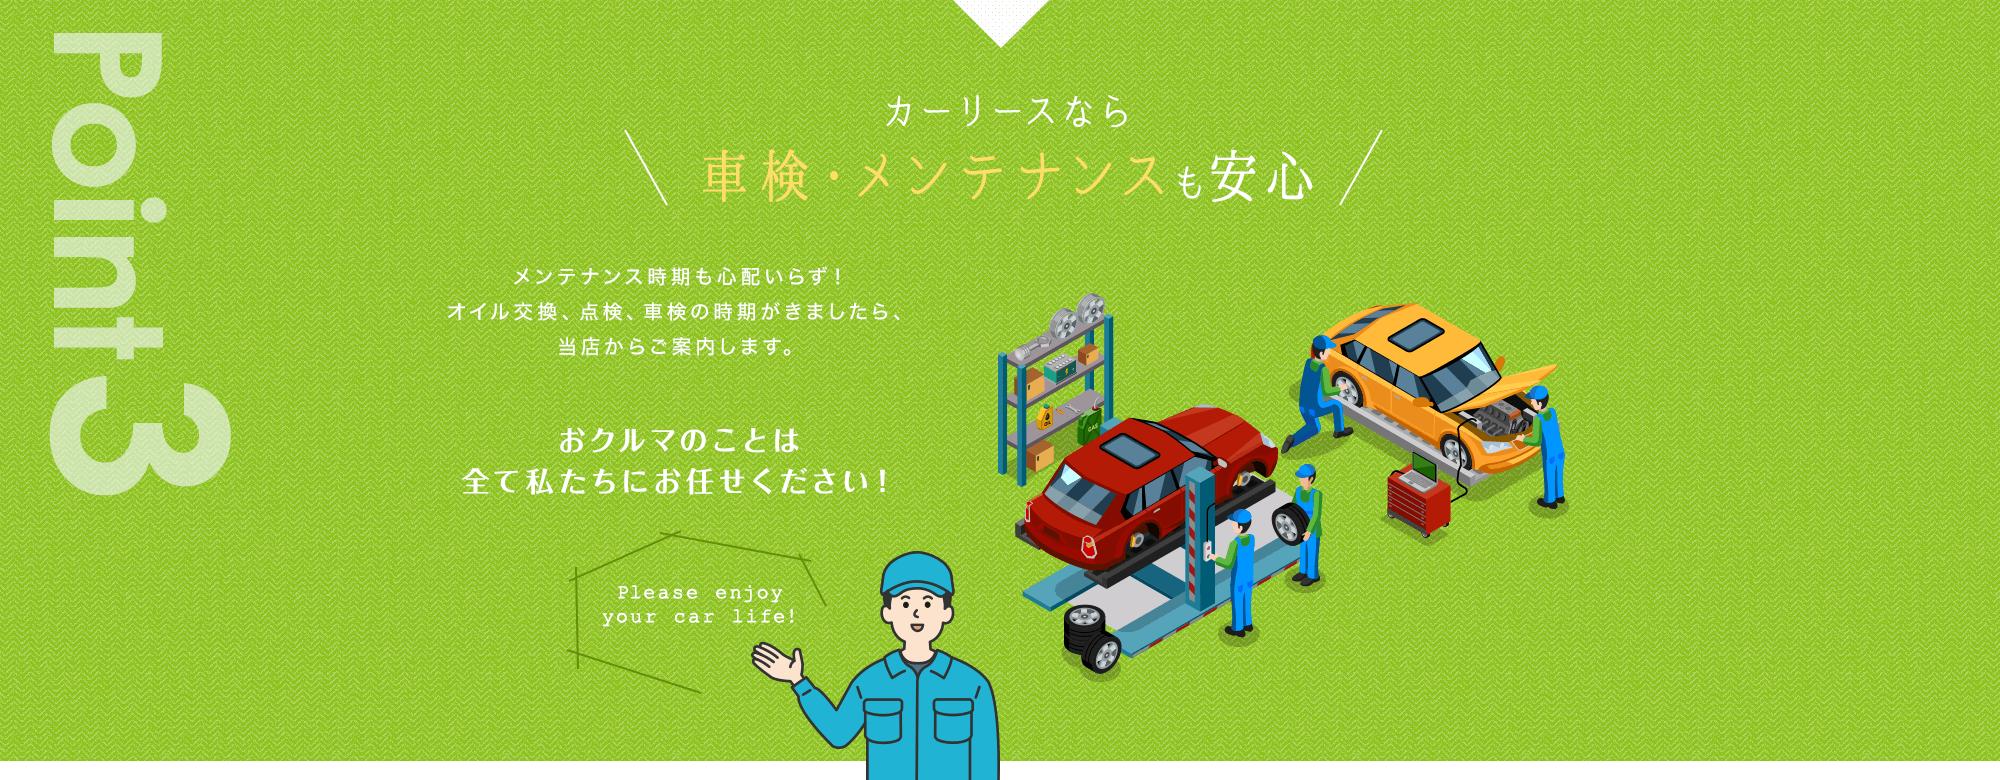 db_lease_03